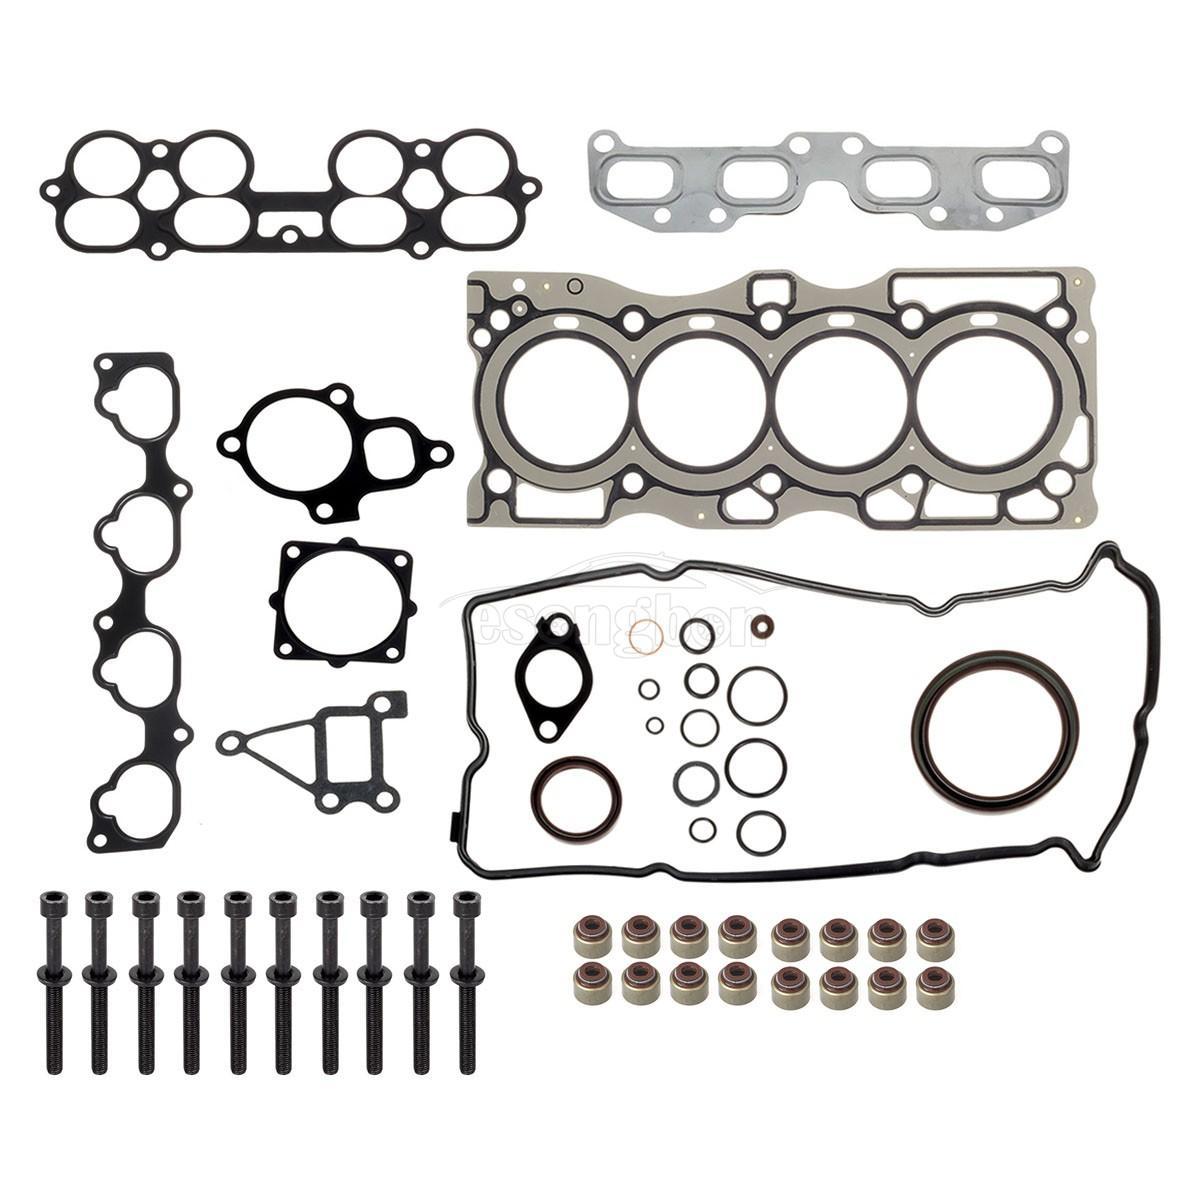 Cylinder Head Gasket Bolts Kit For Nissan Altima Sentra SE